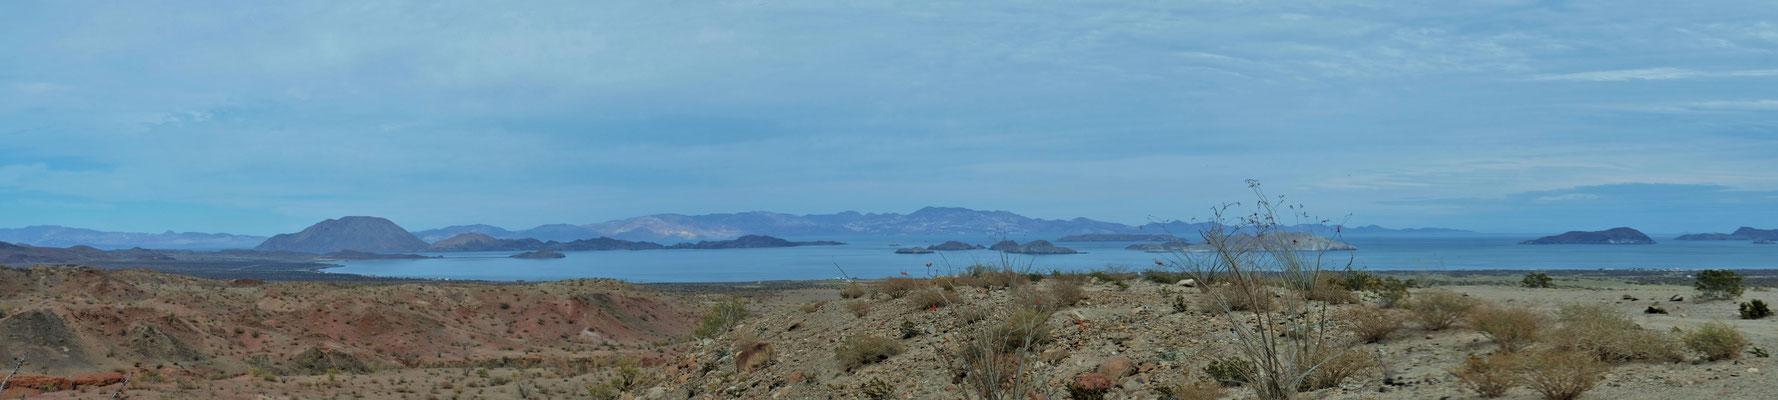 Blick auf die Bahia de los Angeles mit den vorgelagerten Inselchen